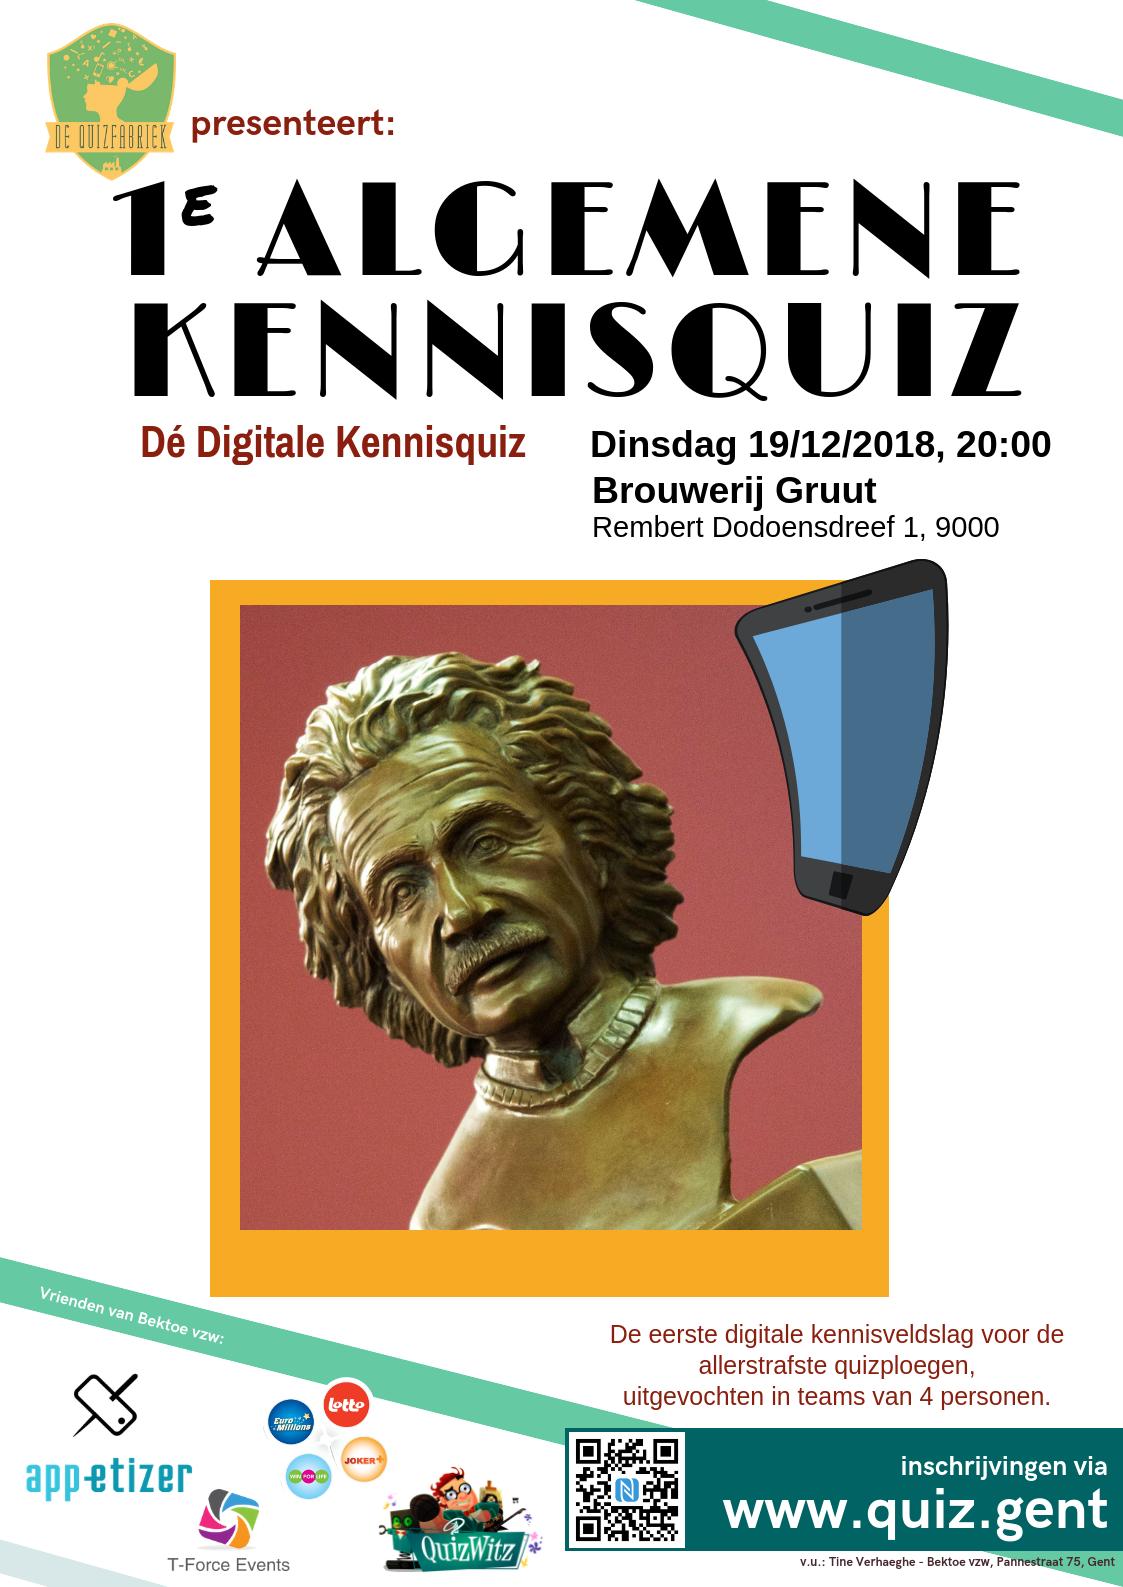 1ste Algemene Kennisquiz poster